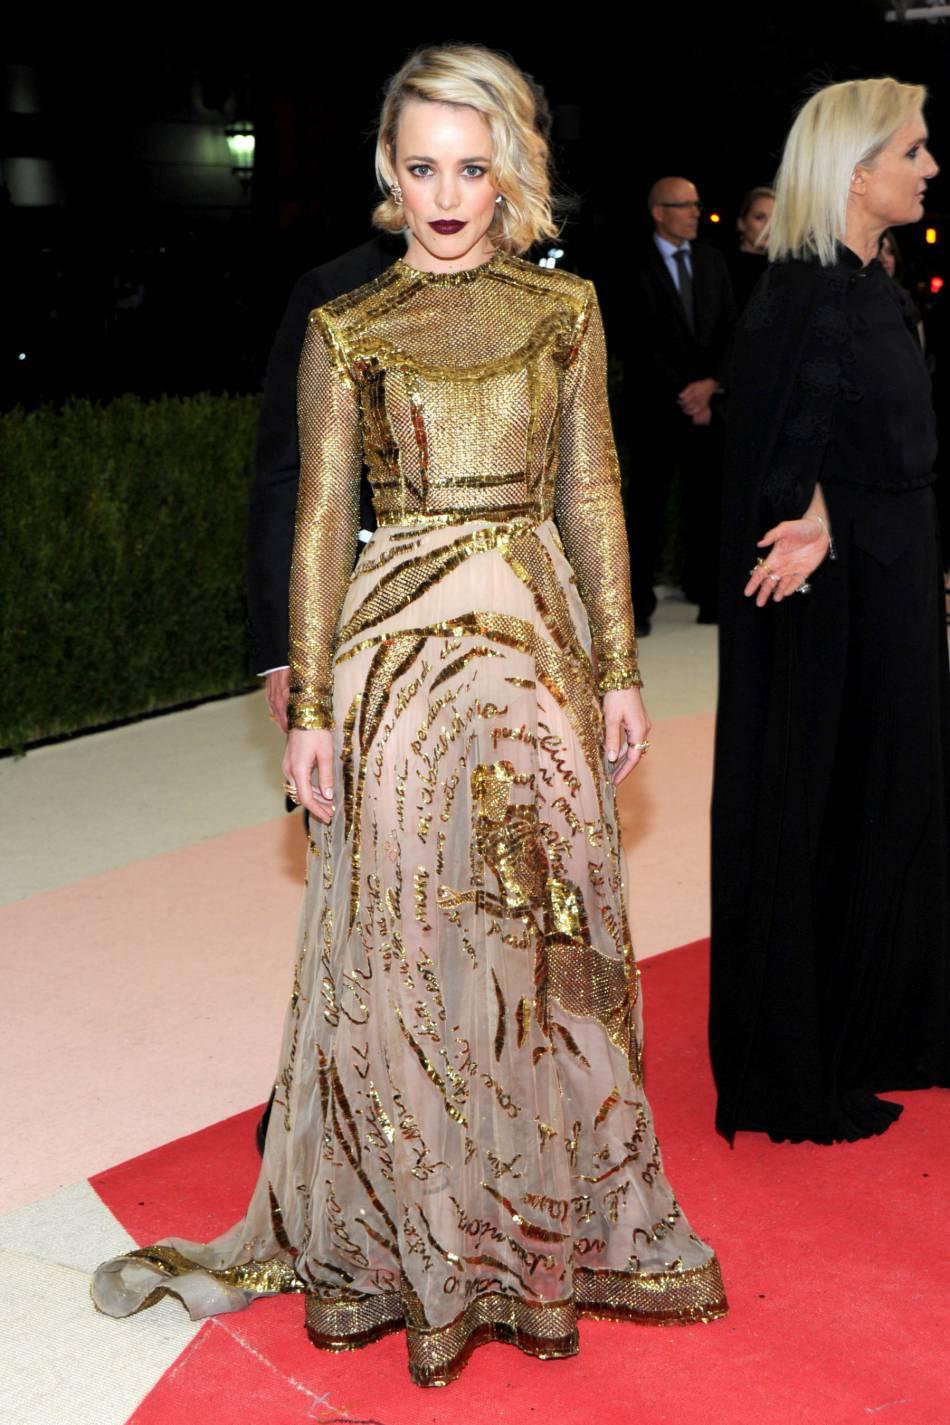 En robe dorée Valentino, l'actrice Rachel McAdams est plus femme fatale que jamais.